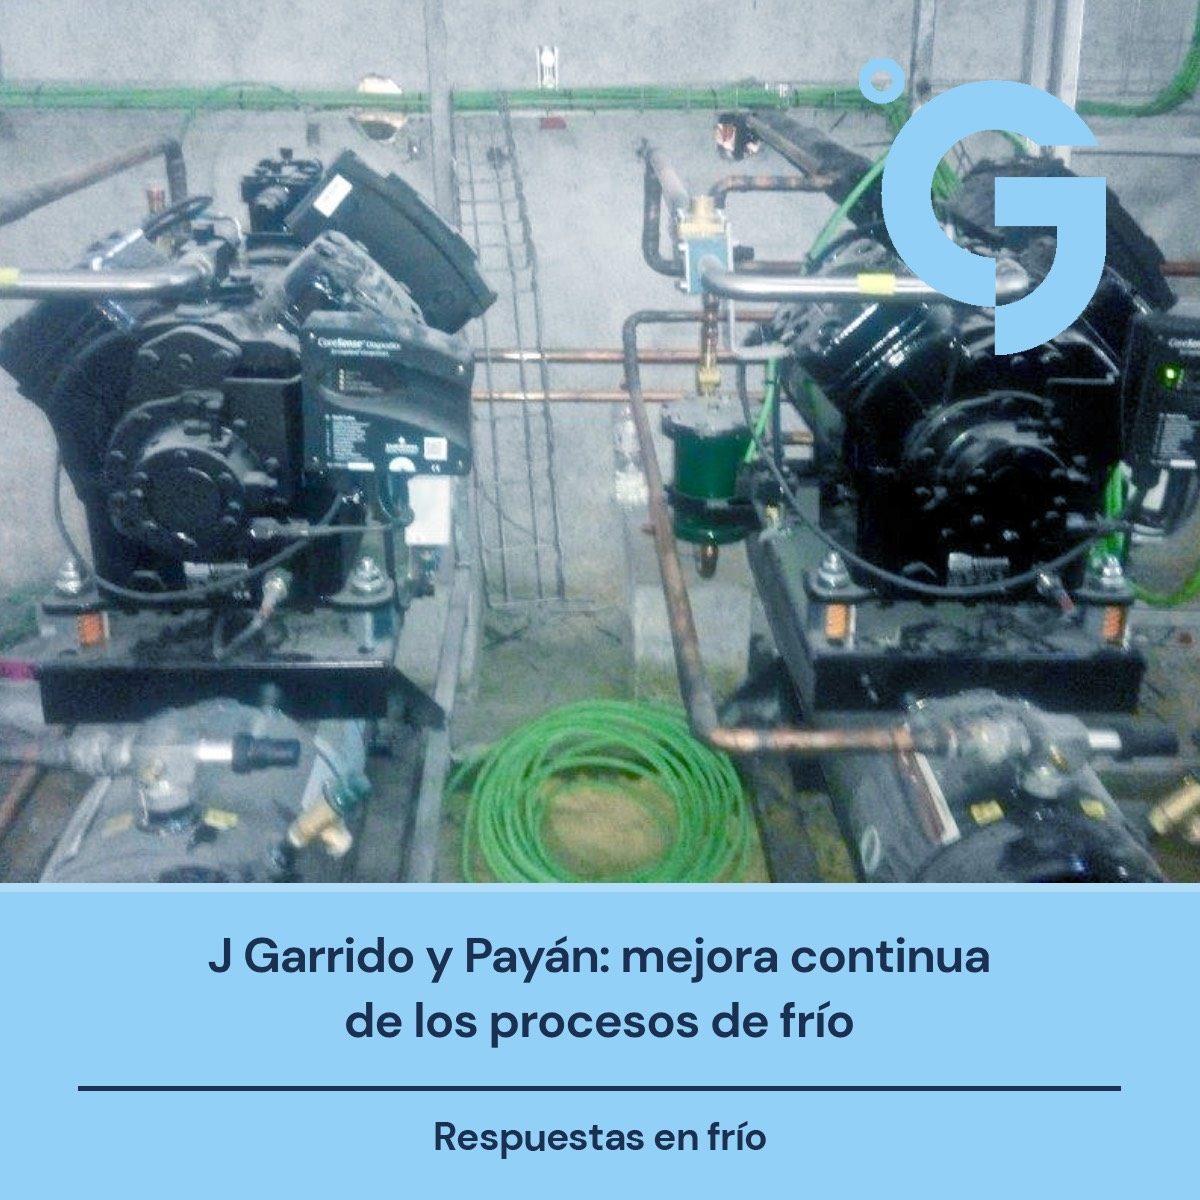 J Garrido y Payán